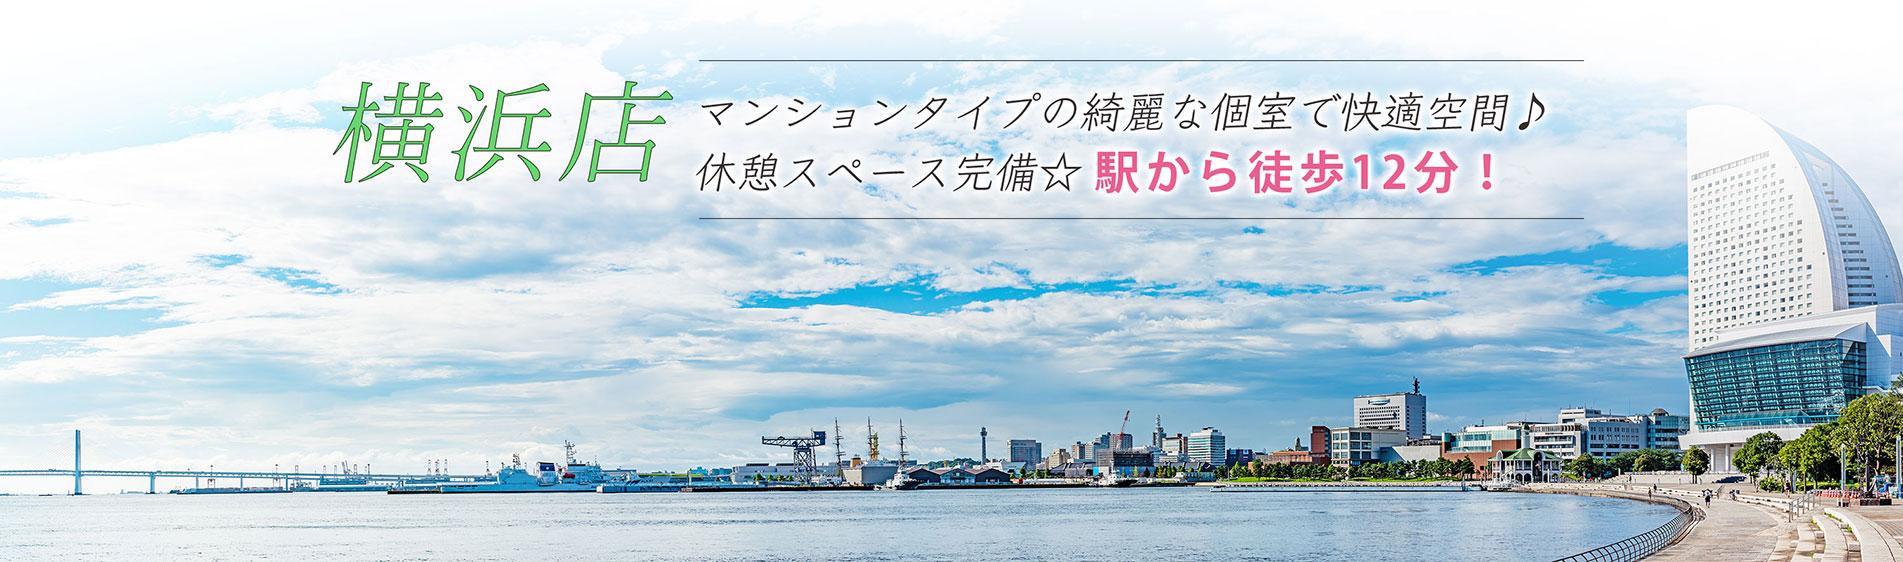 ゴールドチャット横浜店 高収入チャットレディ募集!副業もOK!